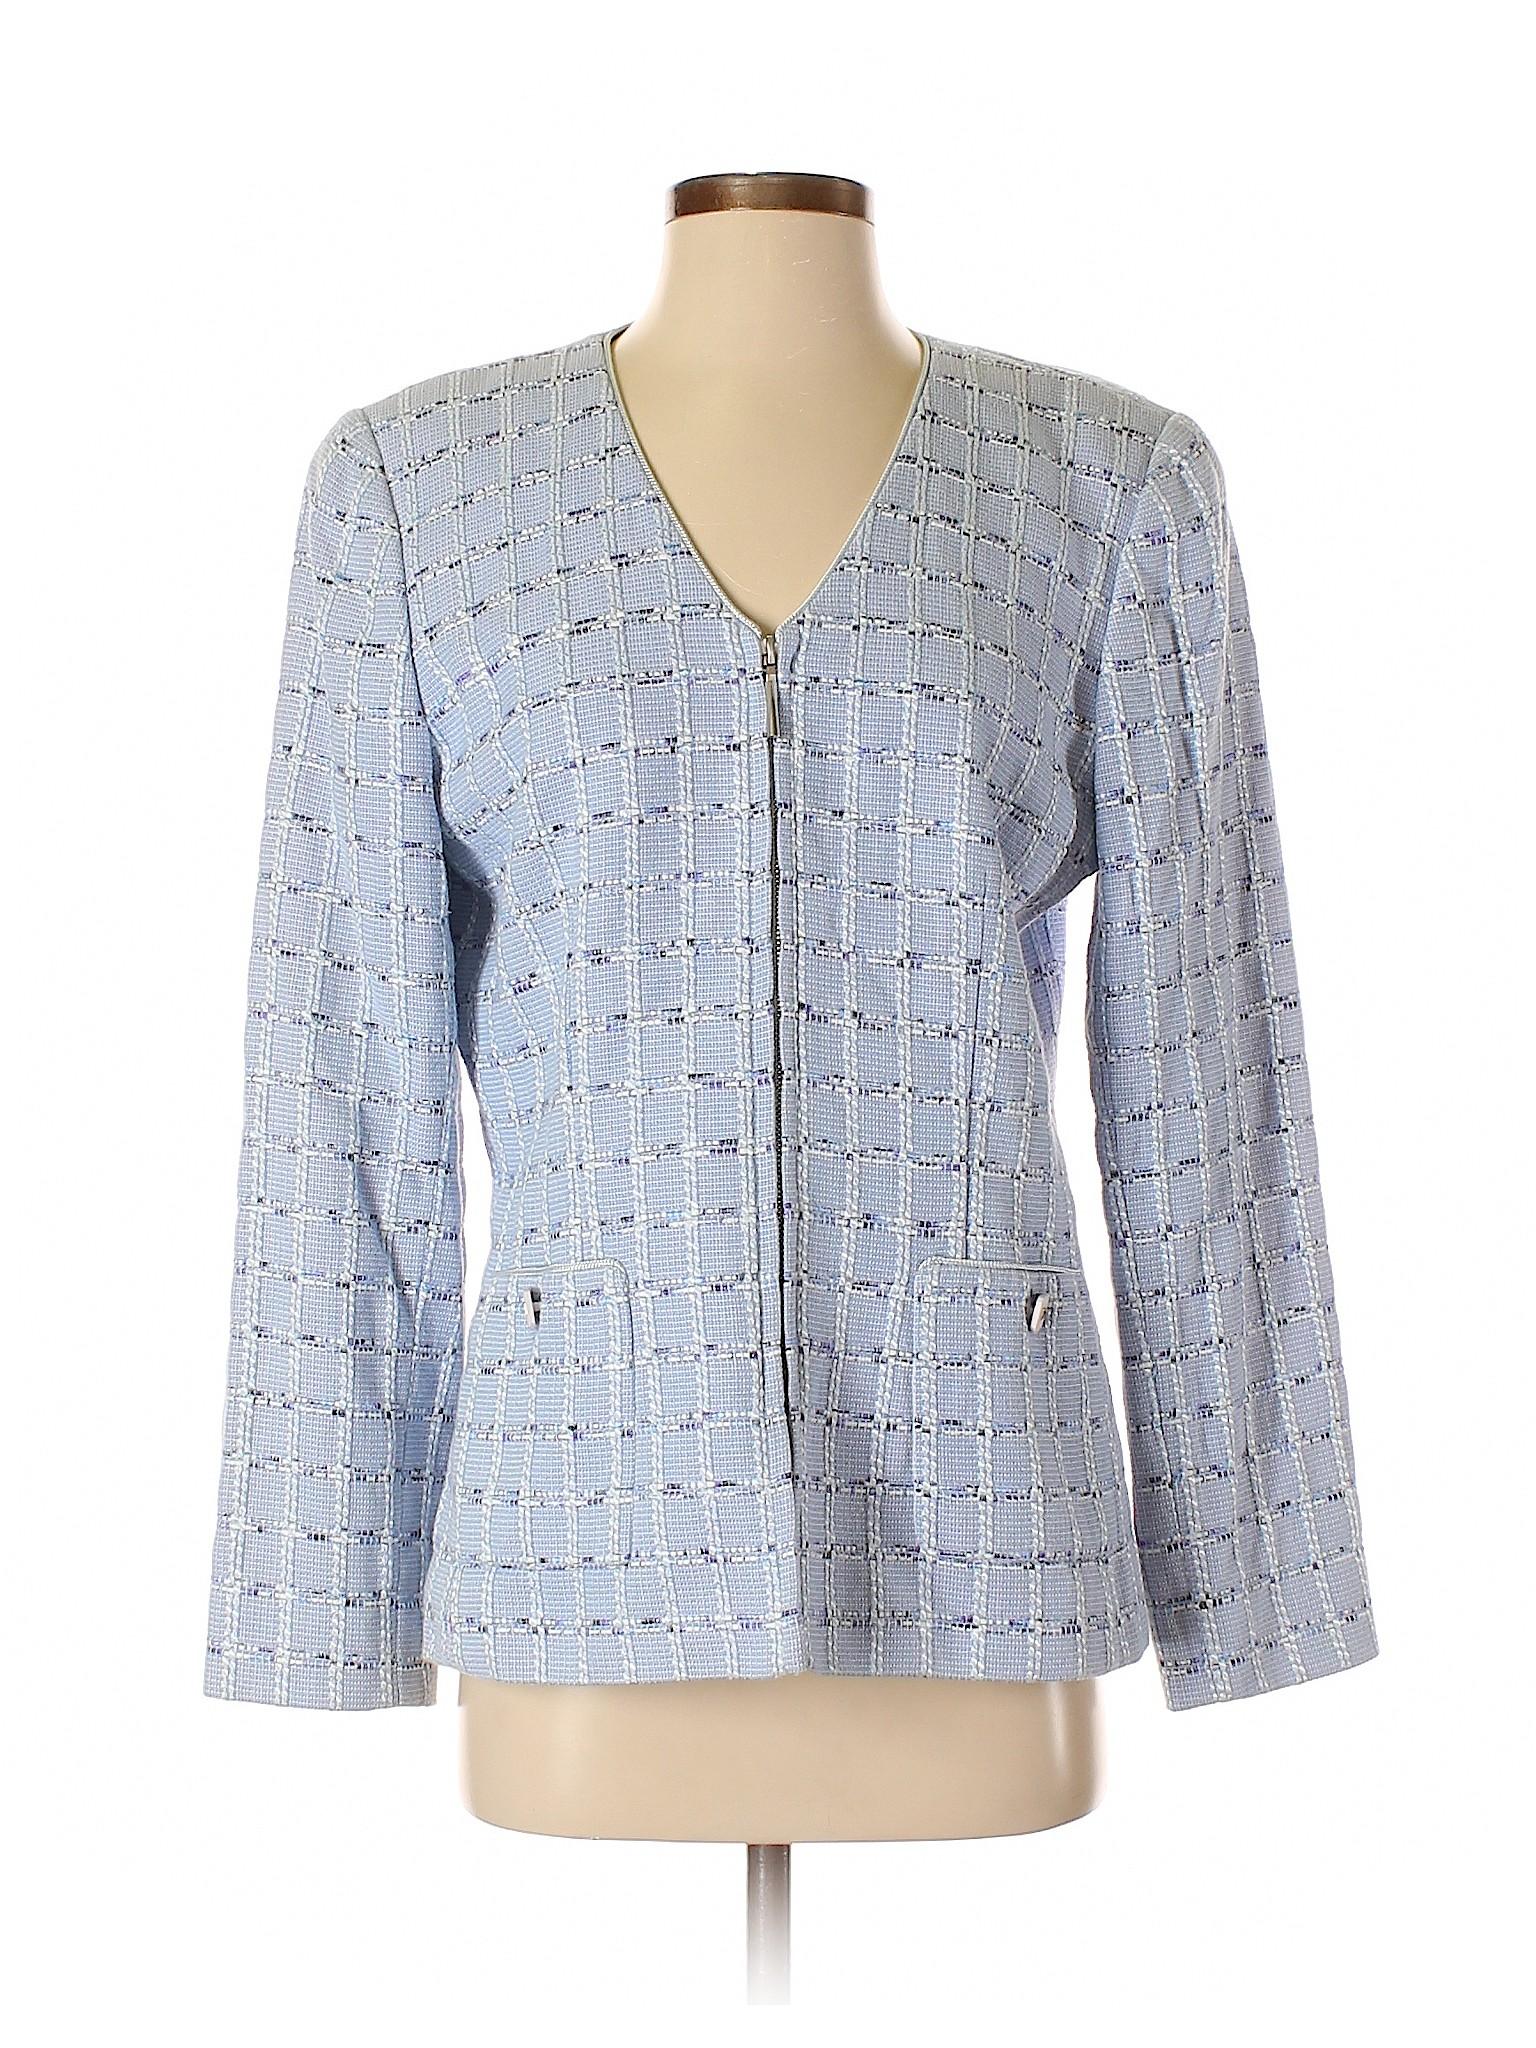 Boutique Jacket Doncaster Boutique leisure leisure rqwSg0UqT